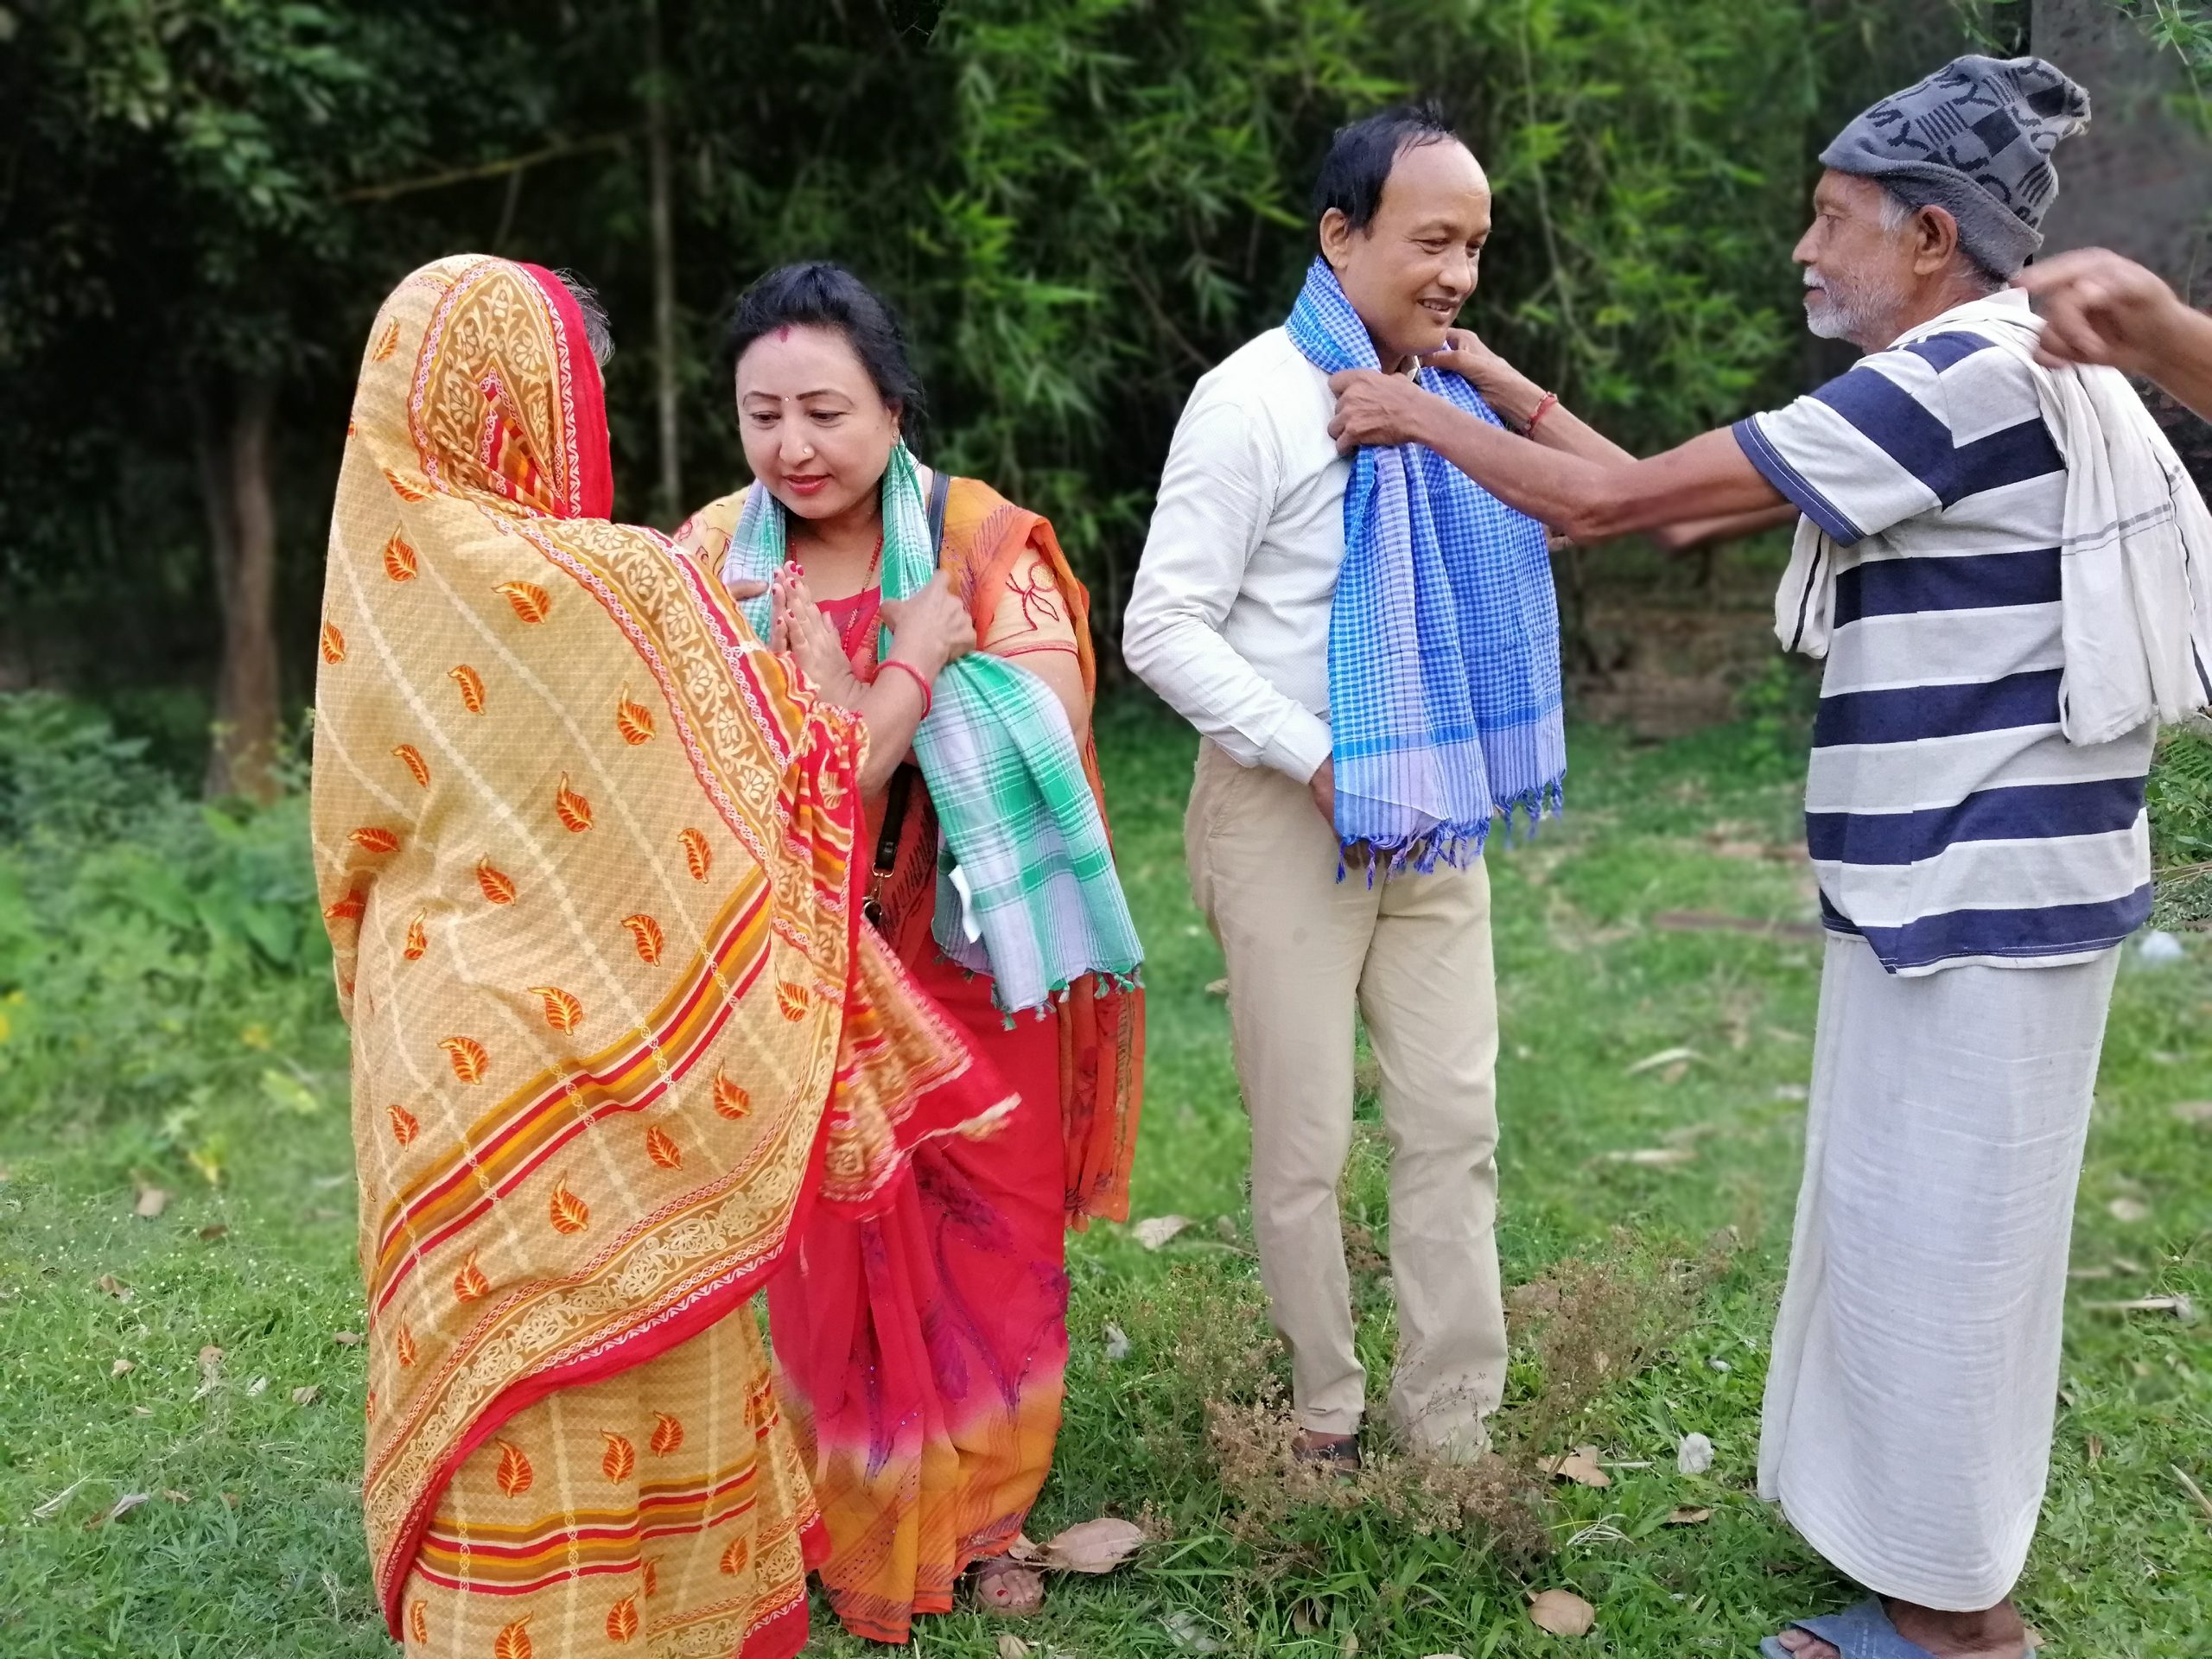 मनकारी जोडीलाई गुप्ता परिवारले गरे स्वागत, आशीर्वाद दिदै मानव कल्याणमा लागी रहन सुझाव